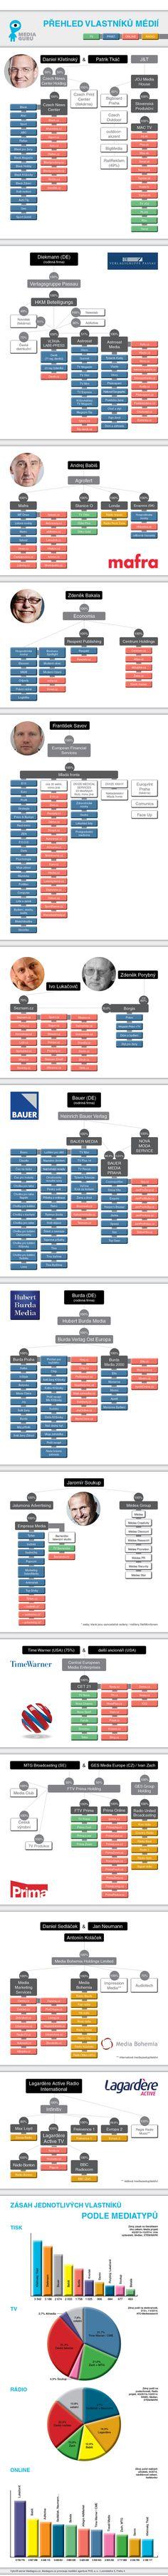 MG_vlastnici_medii_infografika_vse  CR